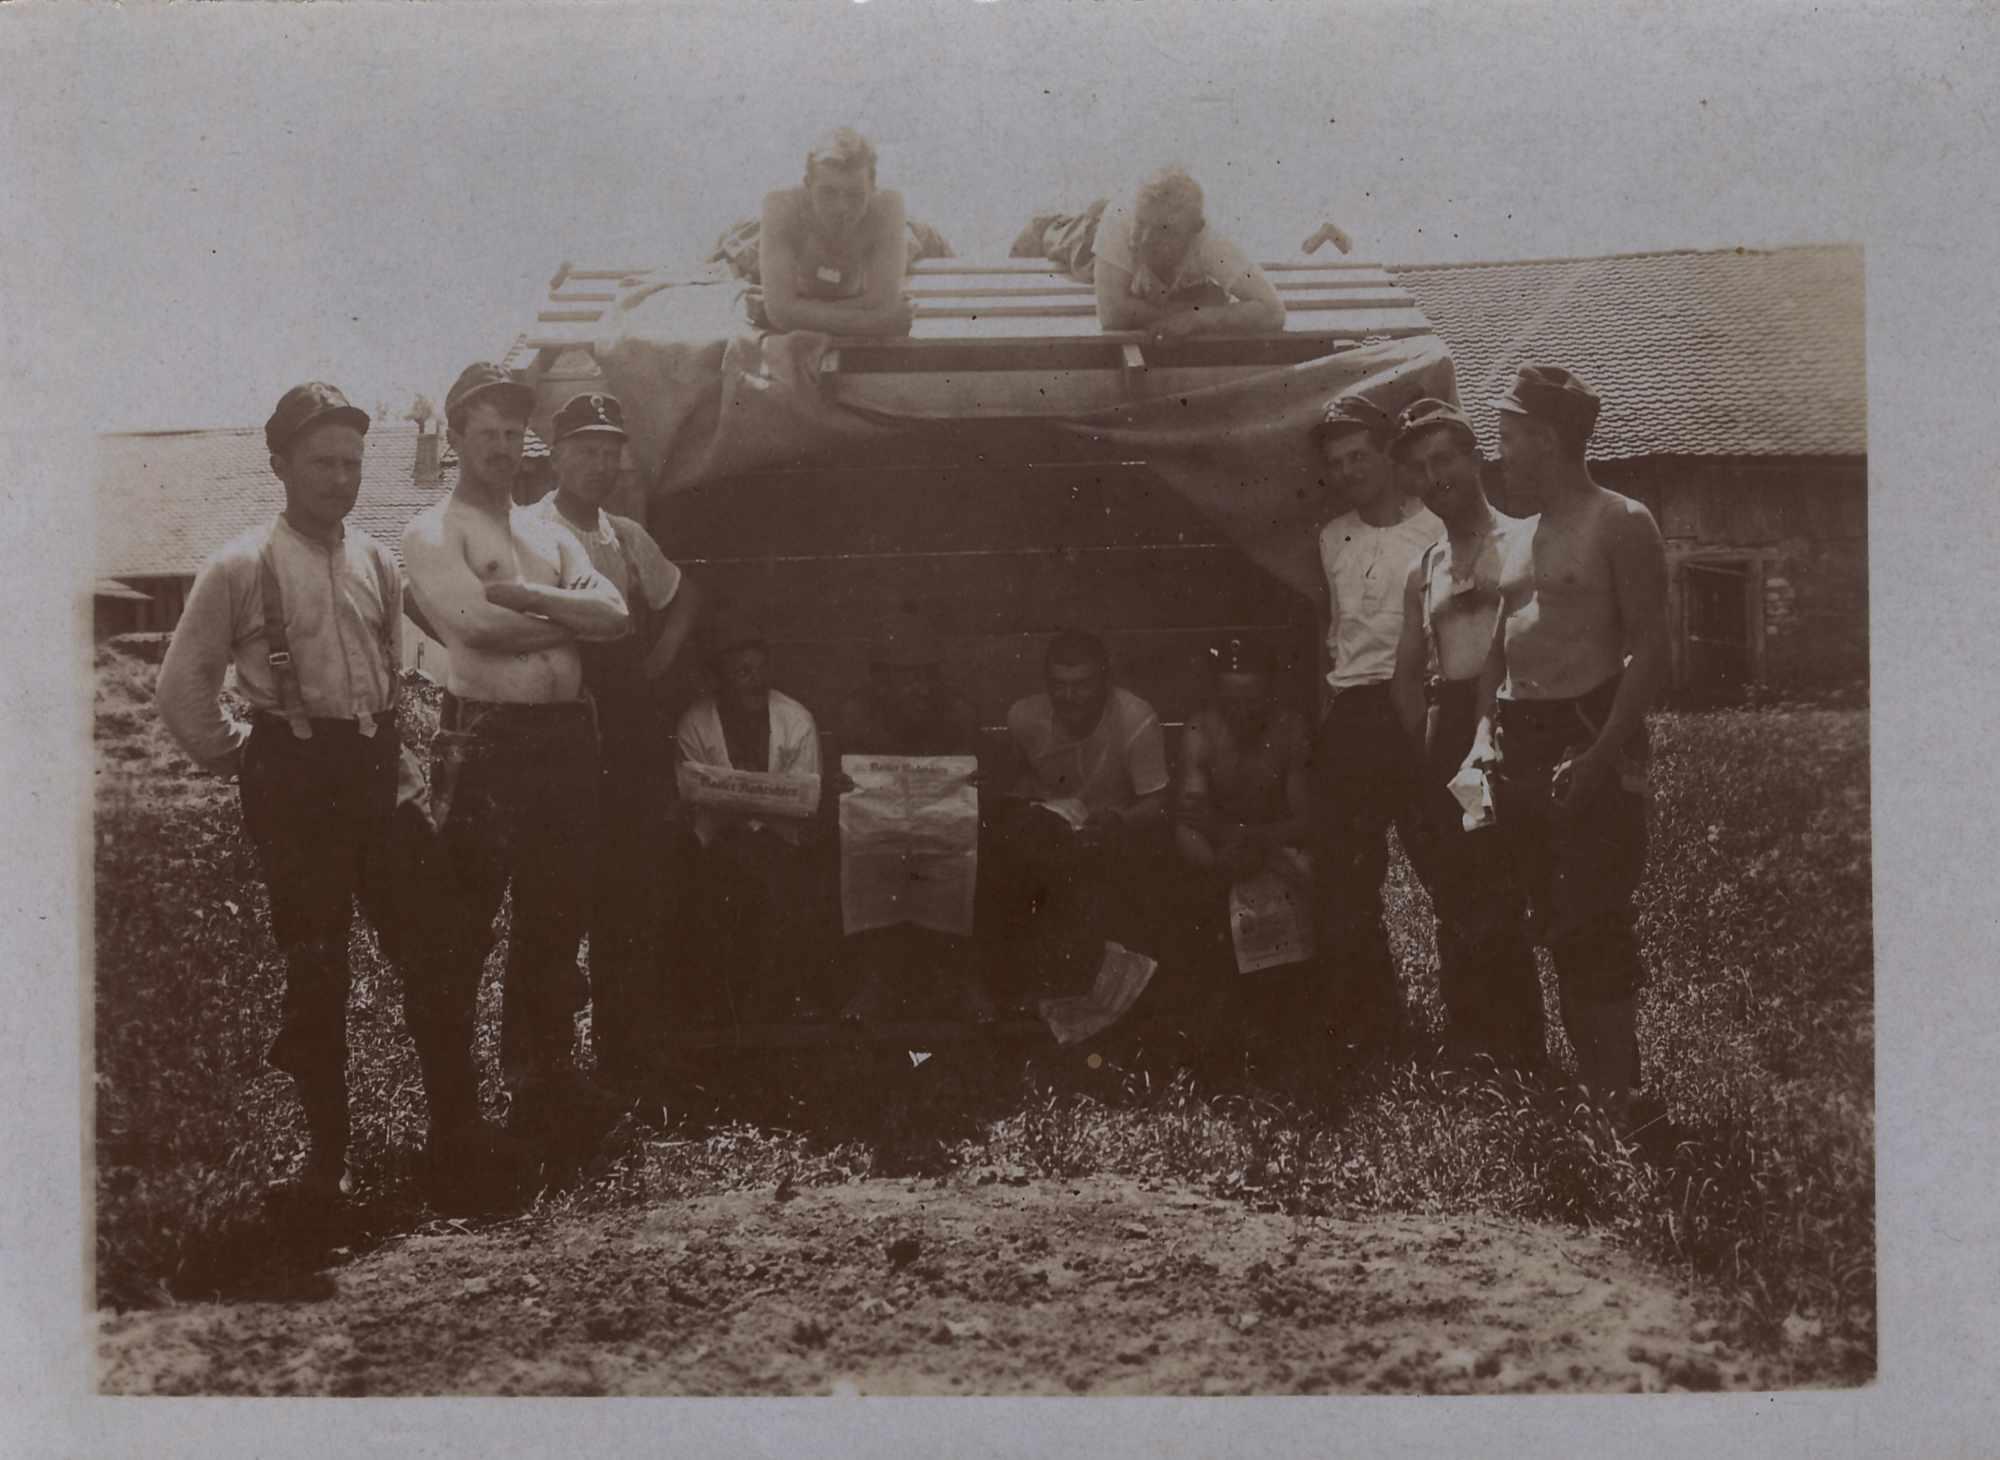 Bild: Gruppenfoto militärischer Alltag